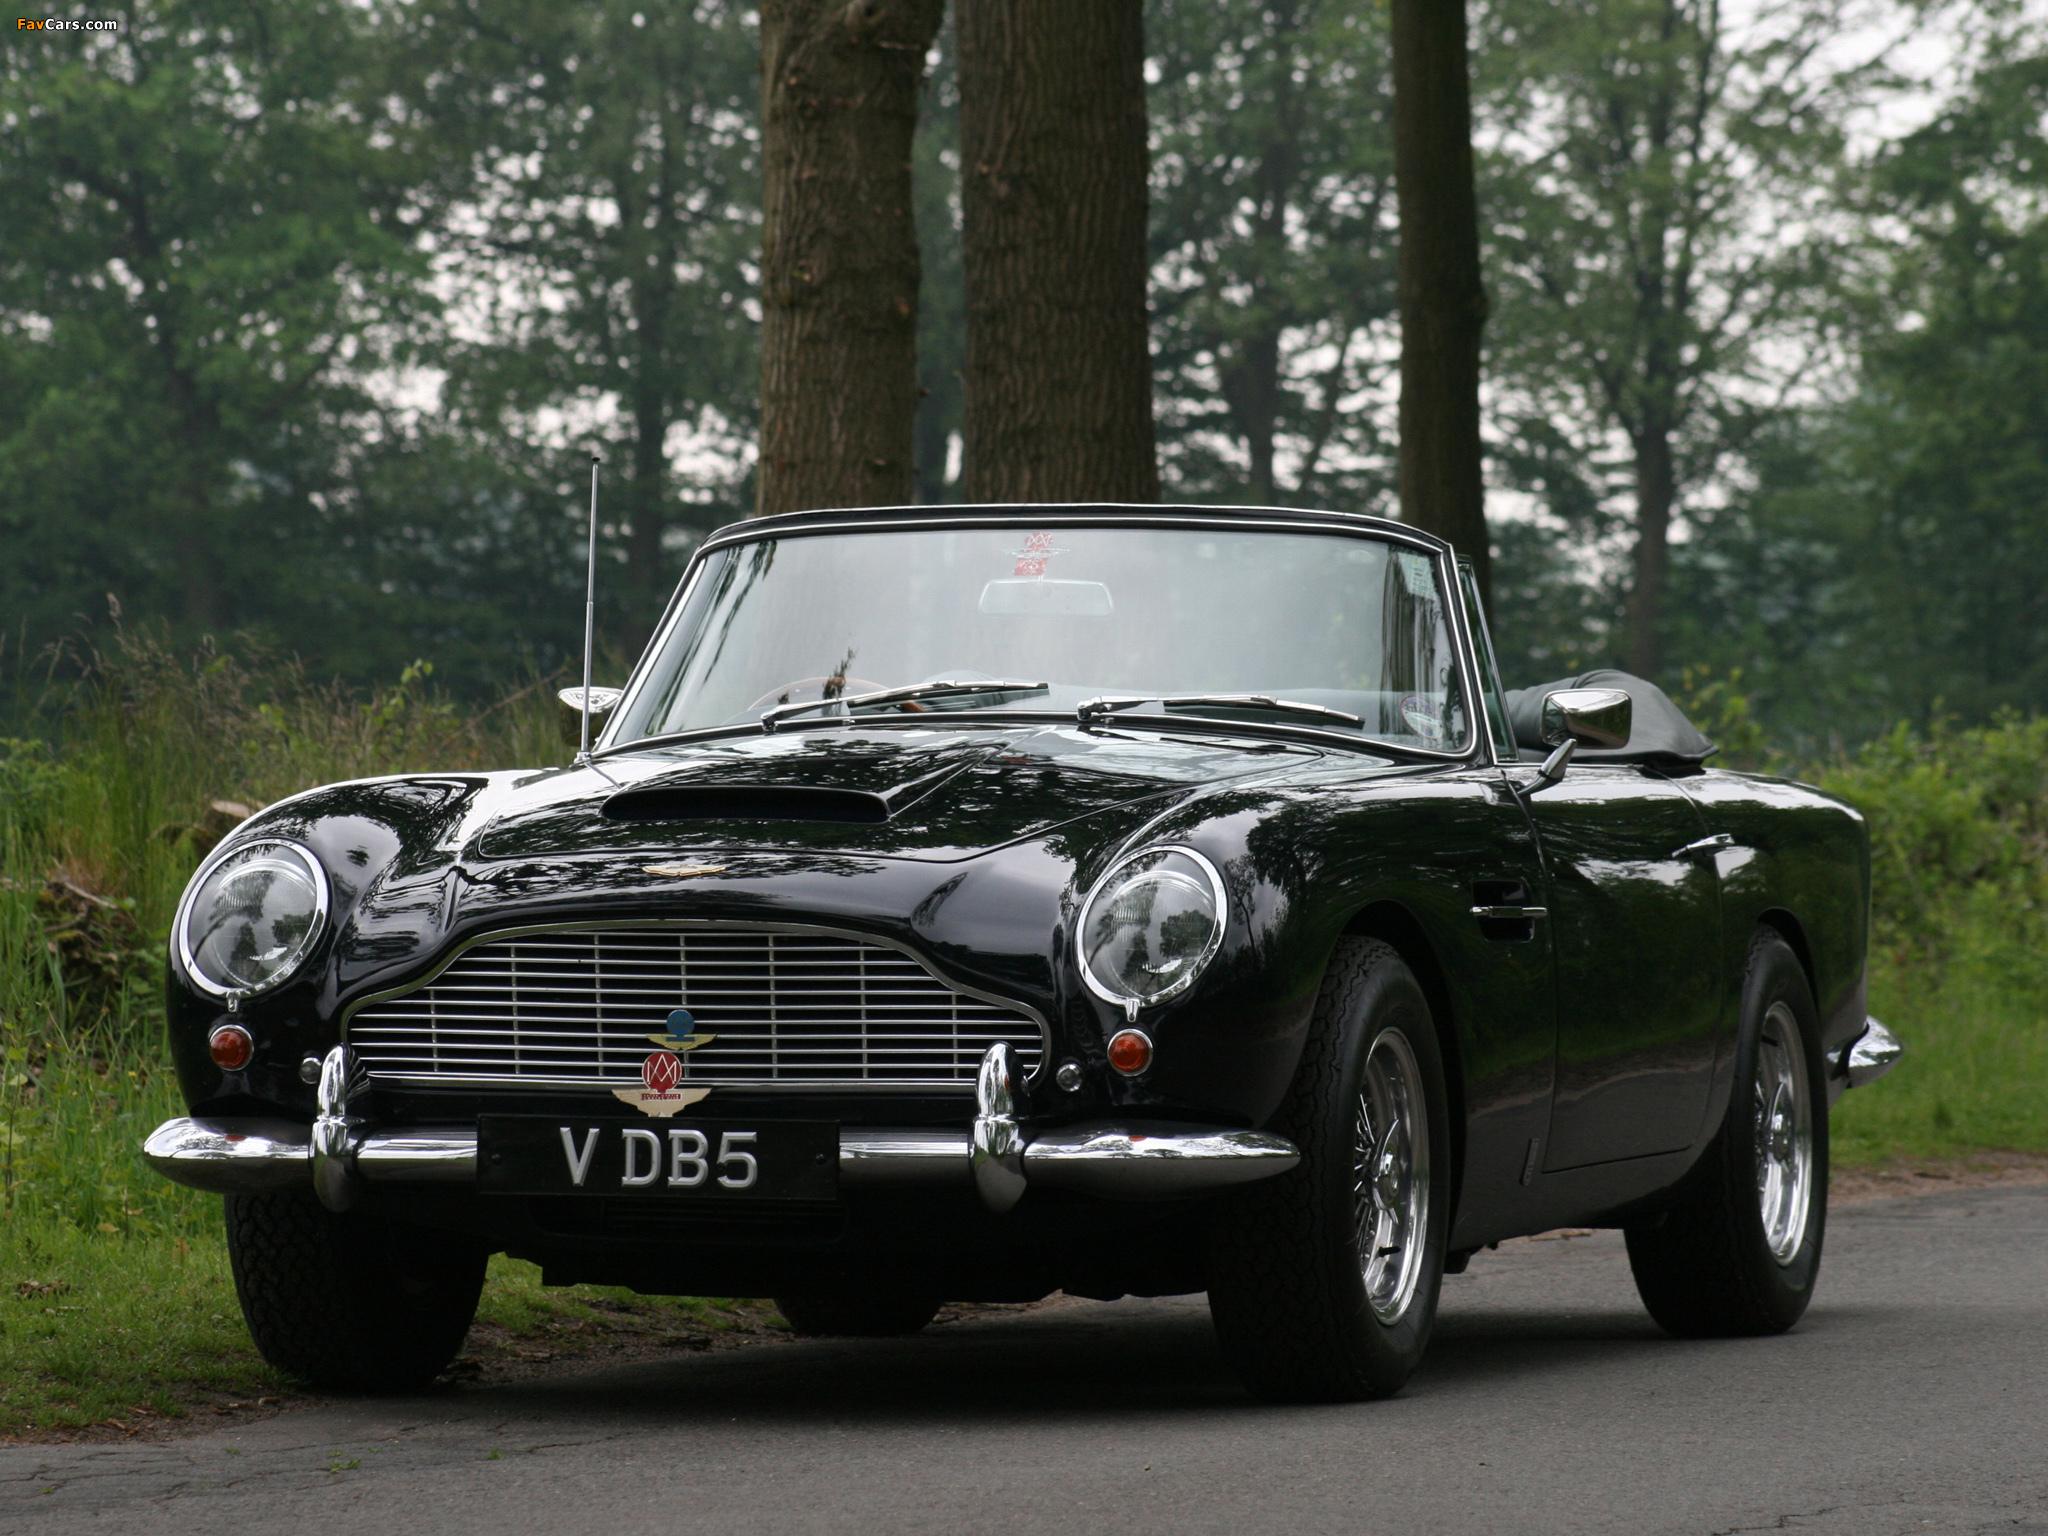 Aston Martin Db5 Vantage Convertible 1963 1965 Photos